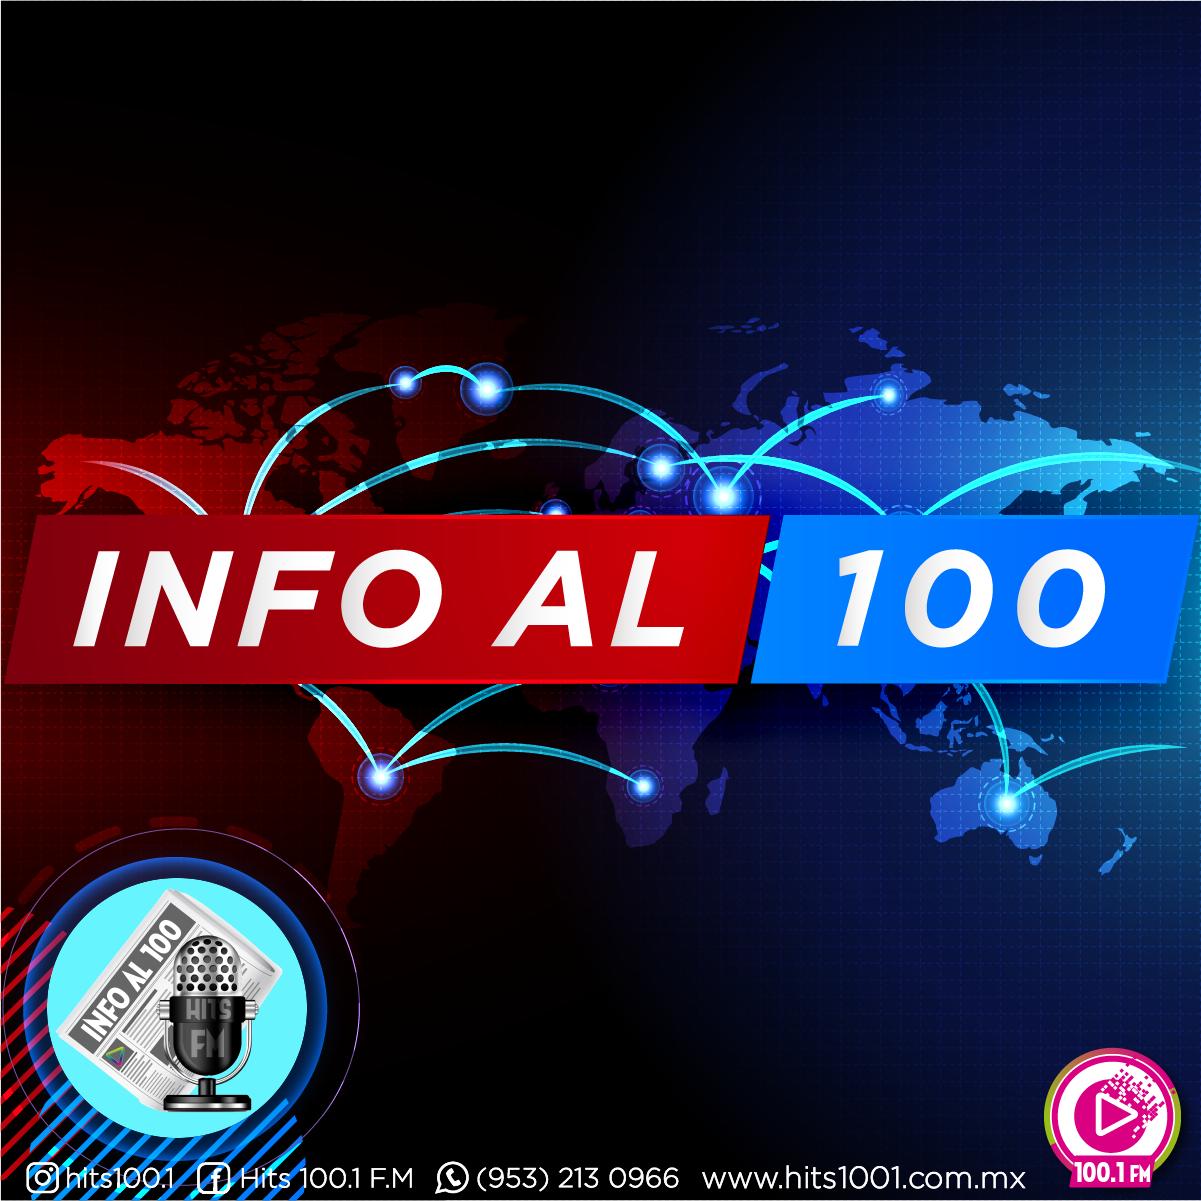 https://0201.nccdn.net/1_2/000/000/163/276/info-al-100.png